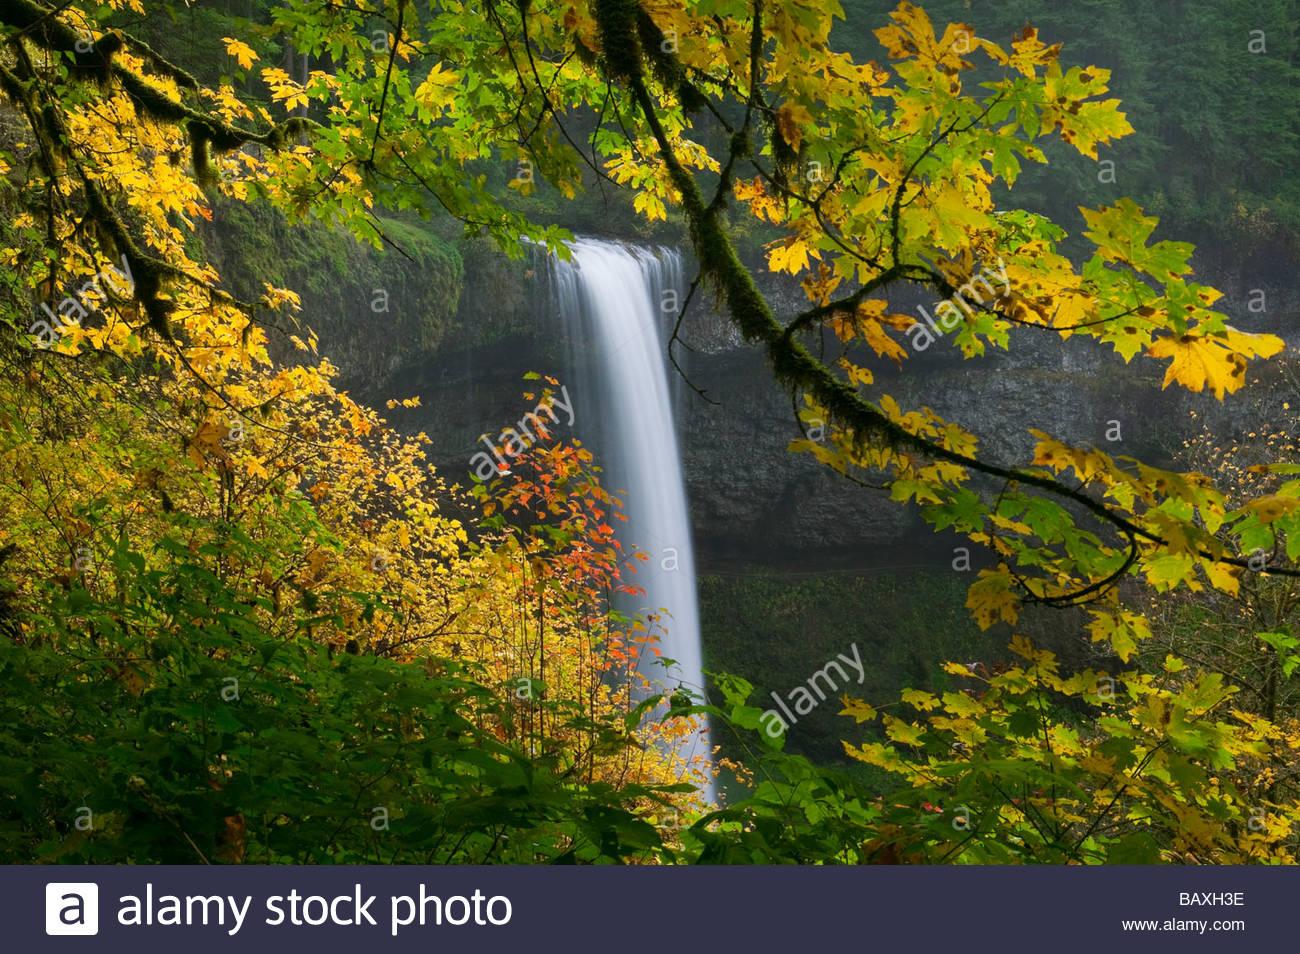 Süden Silver Falls, einer von mehreren malerischen Wasserfällen in Silver Falls State Park, Oregon, ist Stockbild